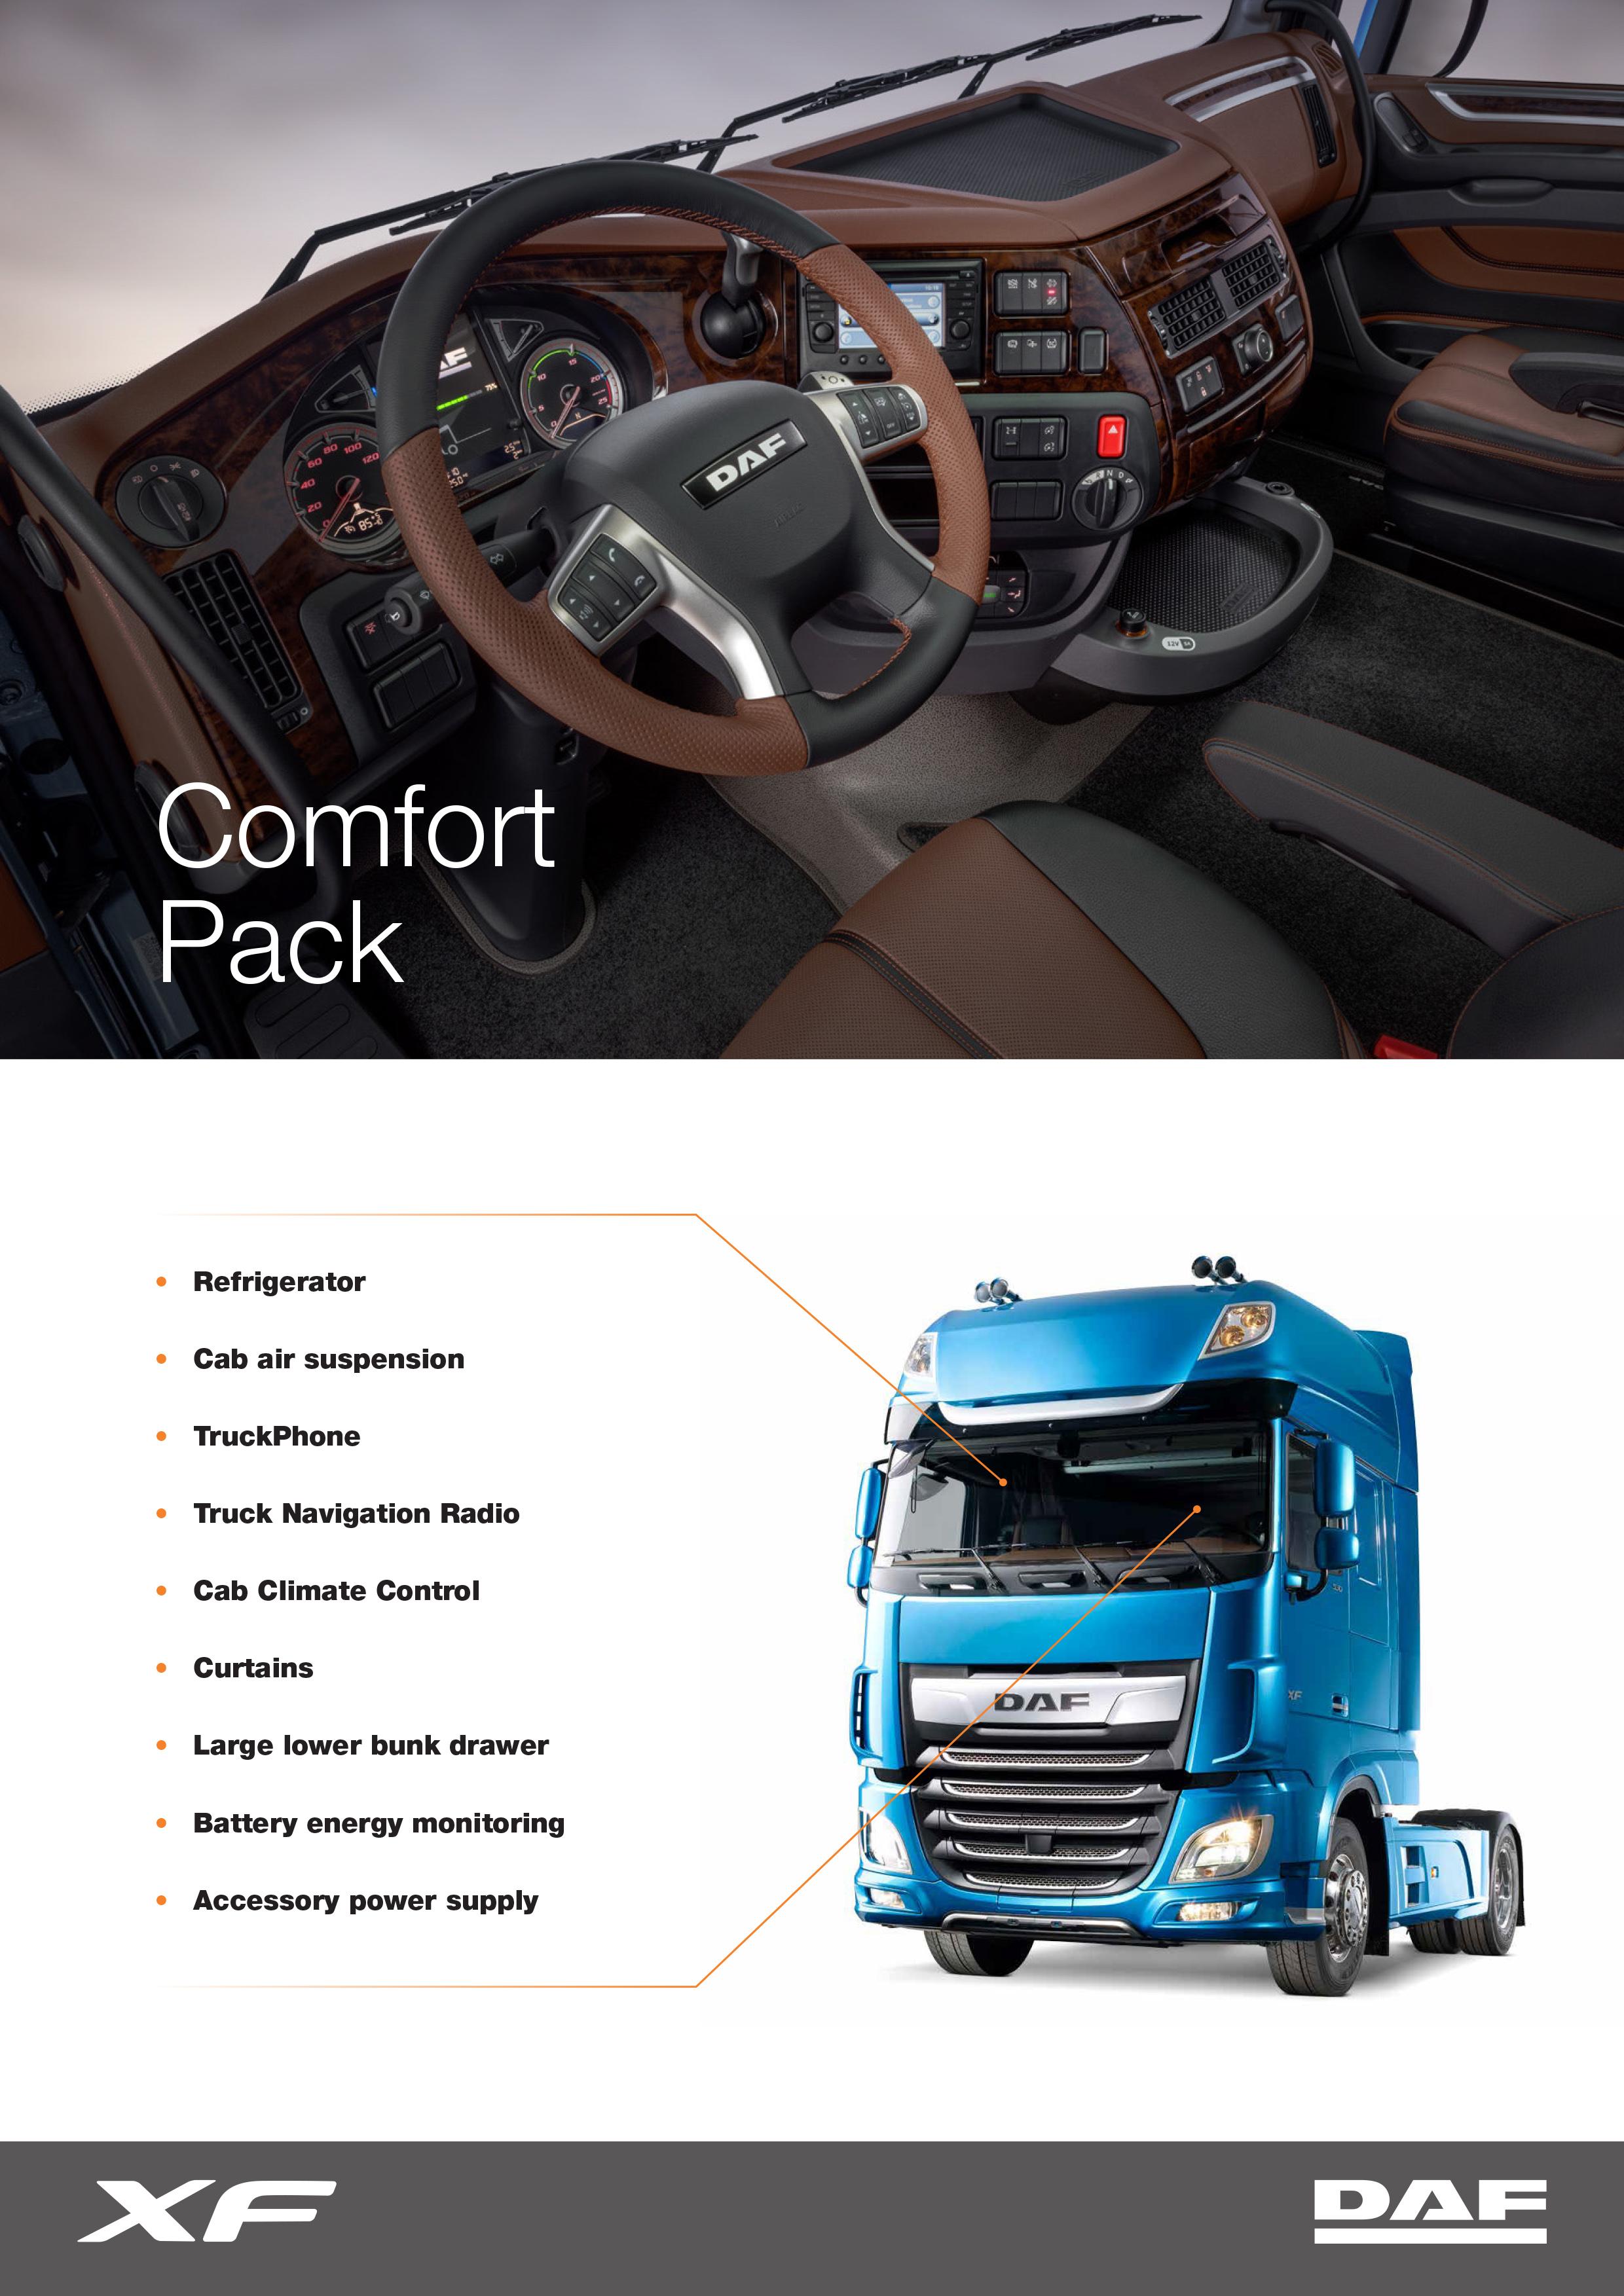 DAF Document Libary - DAF Trucks N V